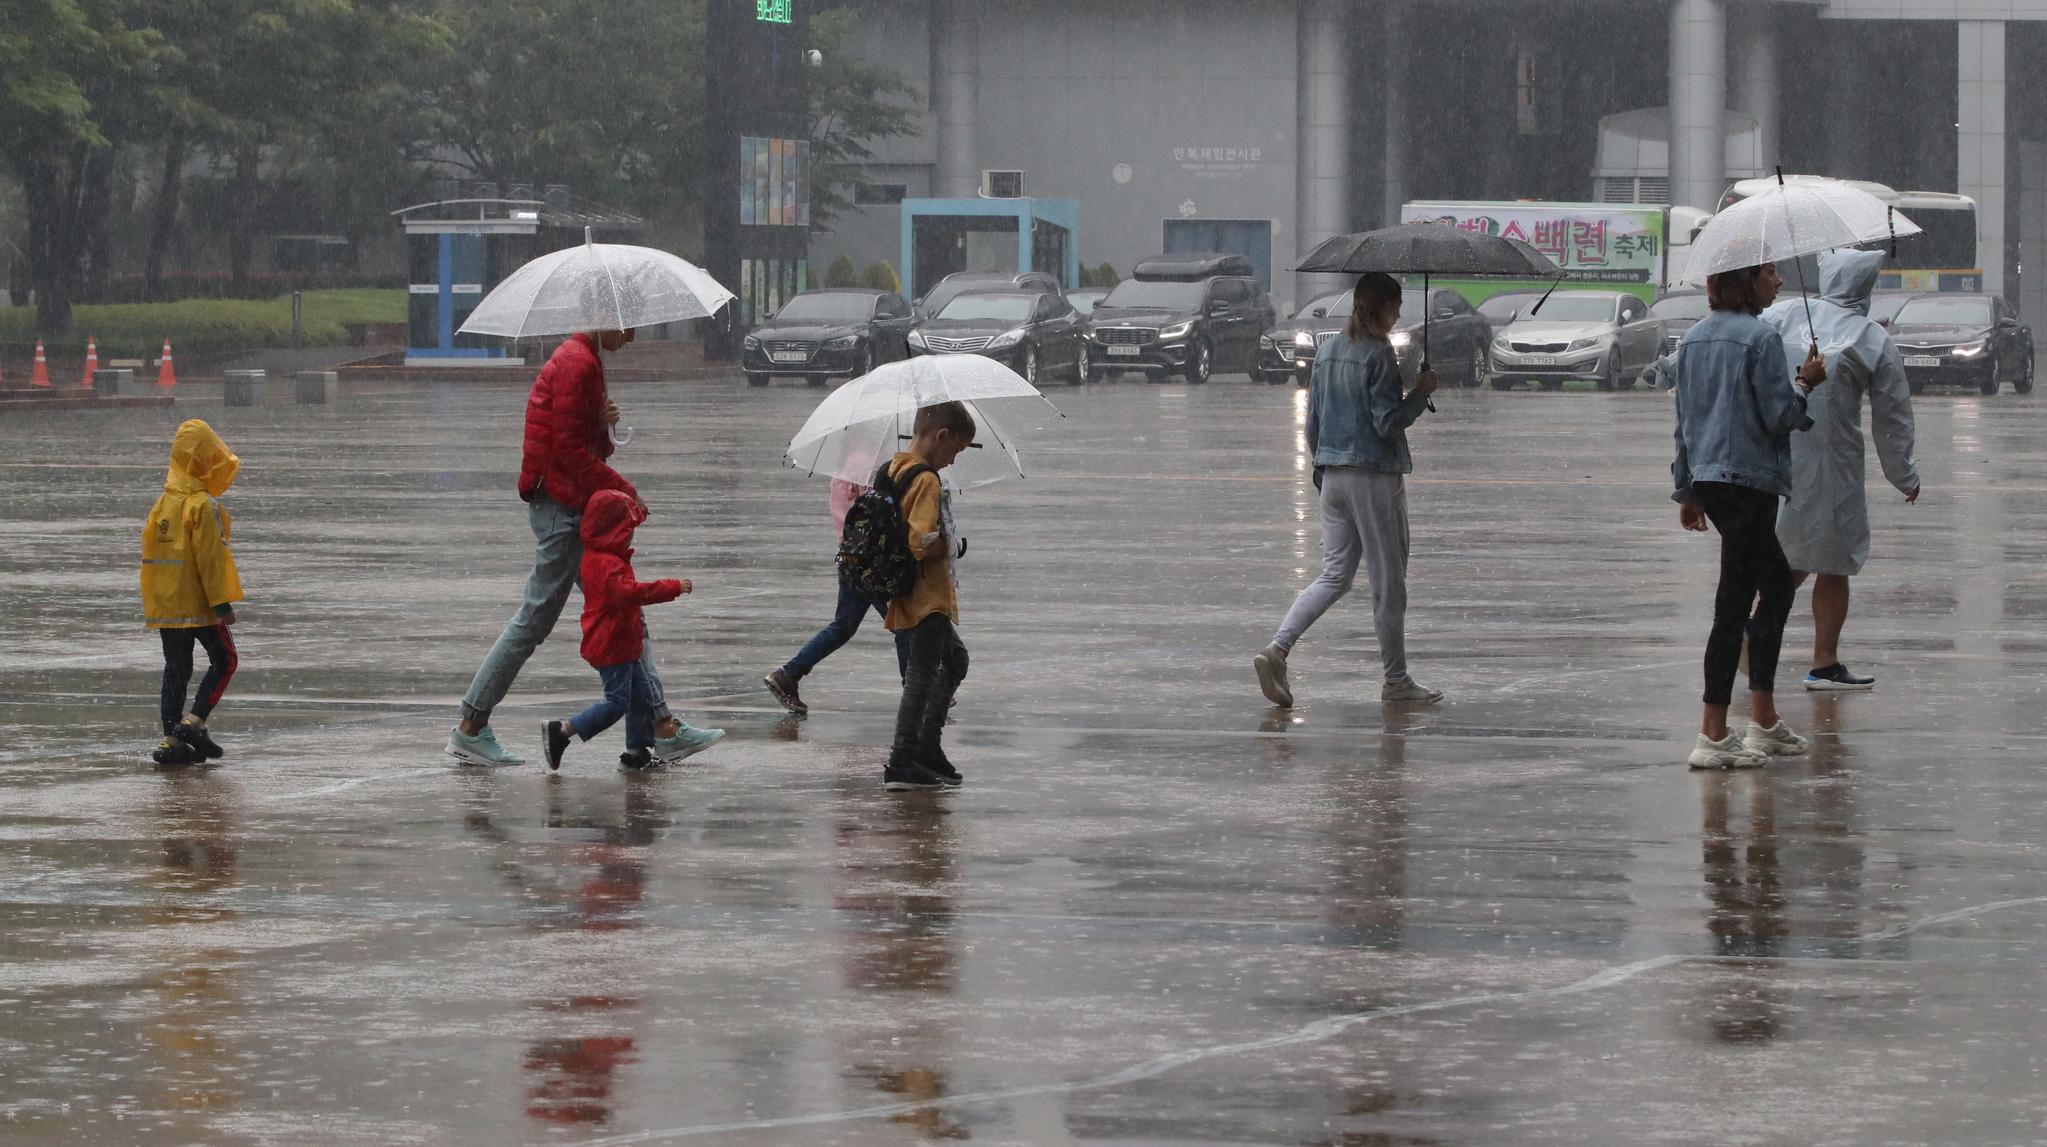 장마전선의 북상으로 부산지방에 호우주의보가 내려진 지난 26일 오후 부산 해운대구 벡스코를 찾은 관광객들이 우산을 쓴 채 광장을 지나고 있다. 송봉근 기자